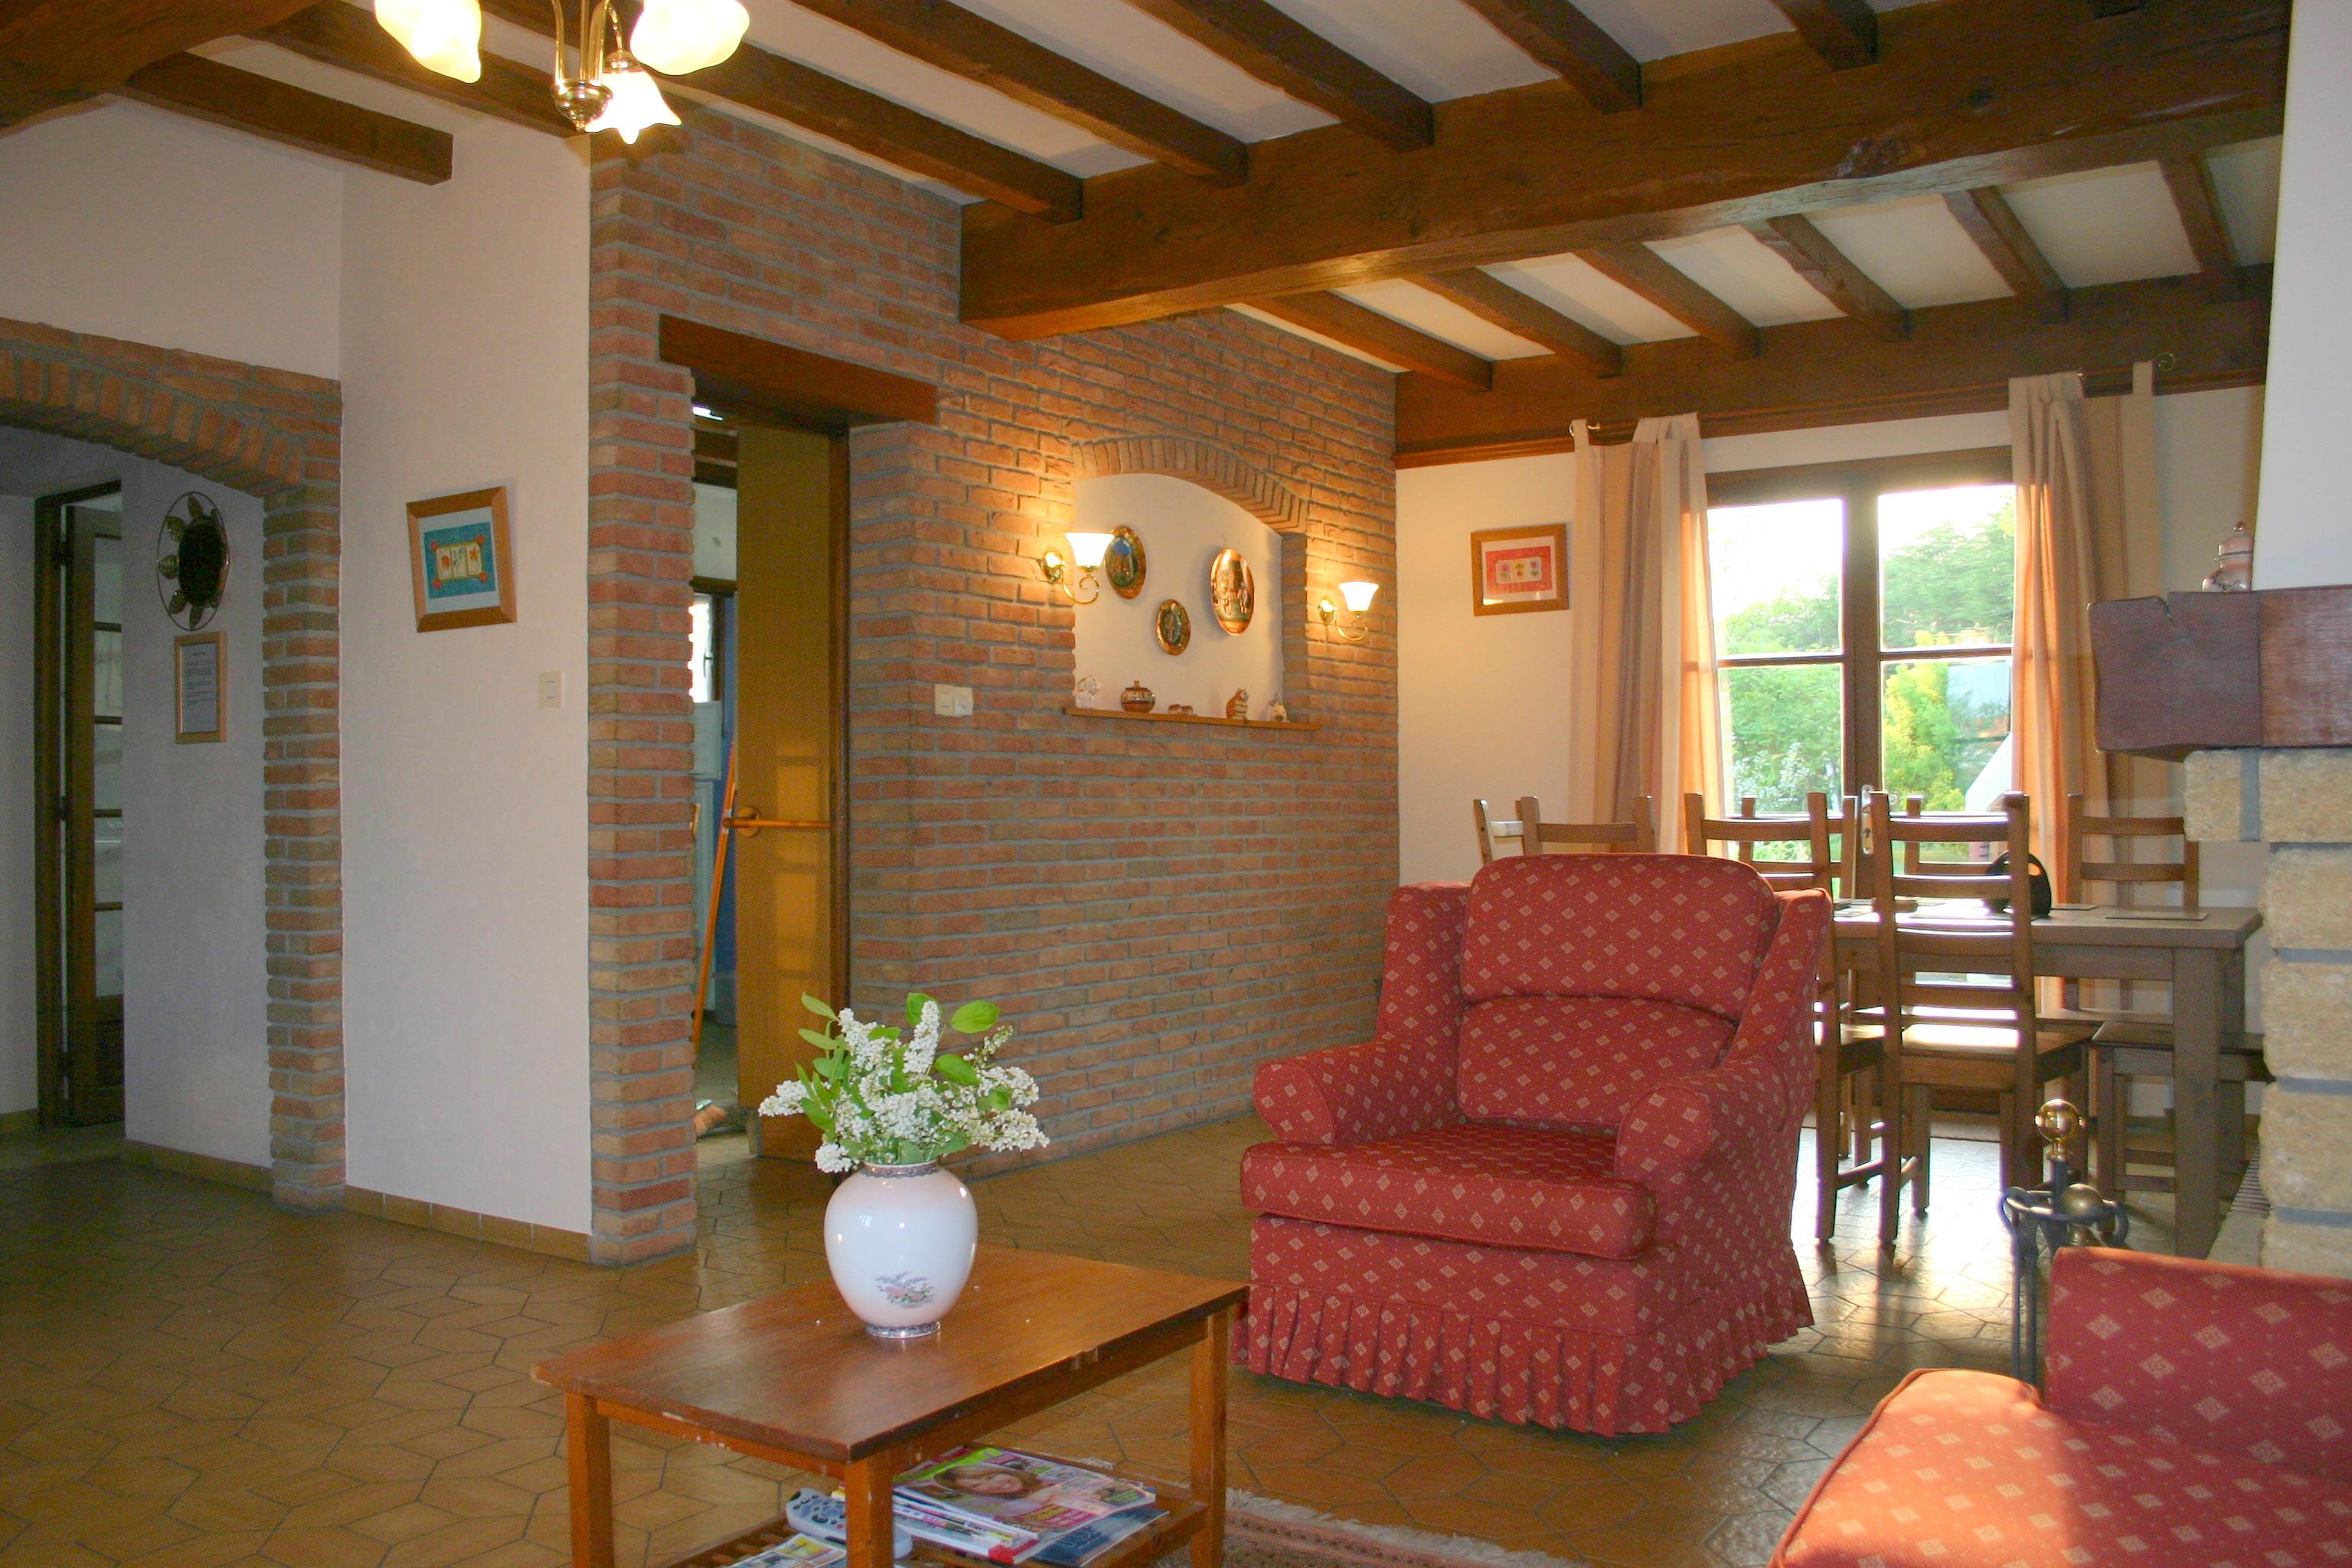 St Josse Lounge - Le Toquet Farmhouse Rental